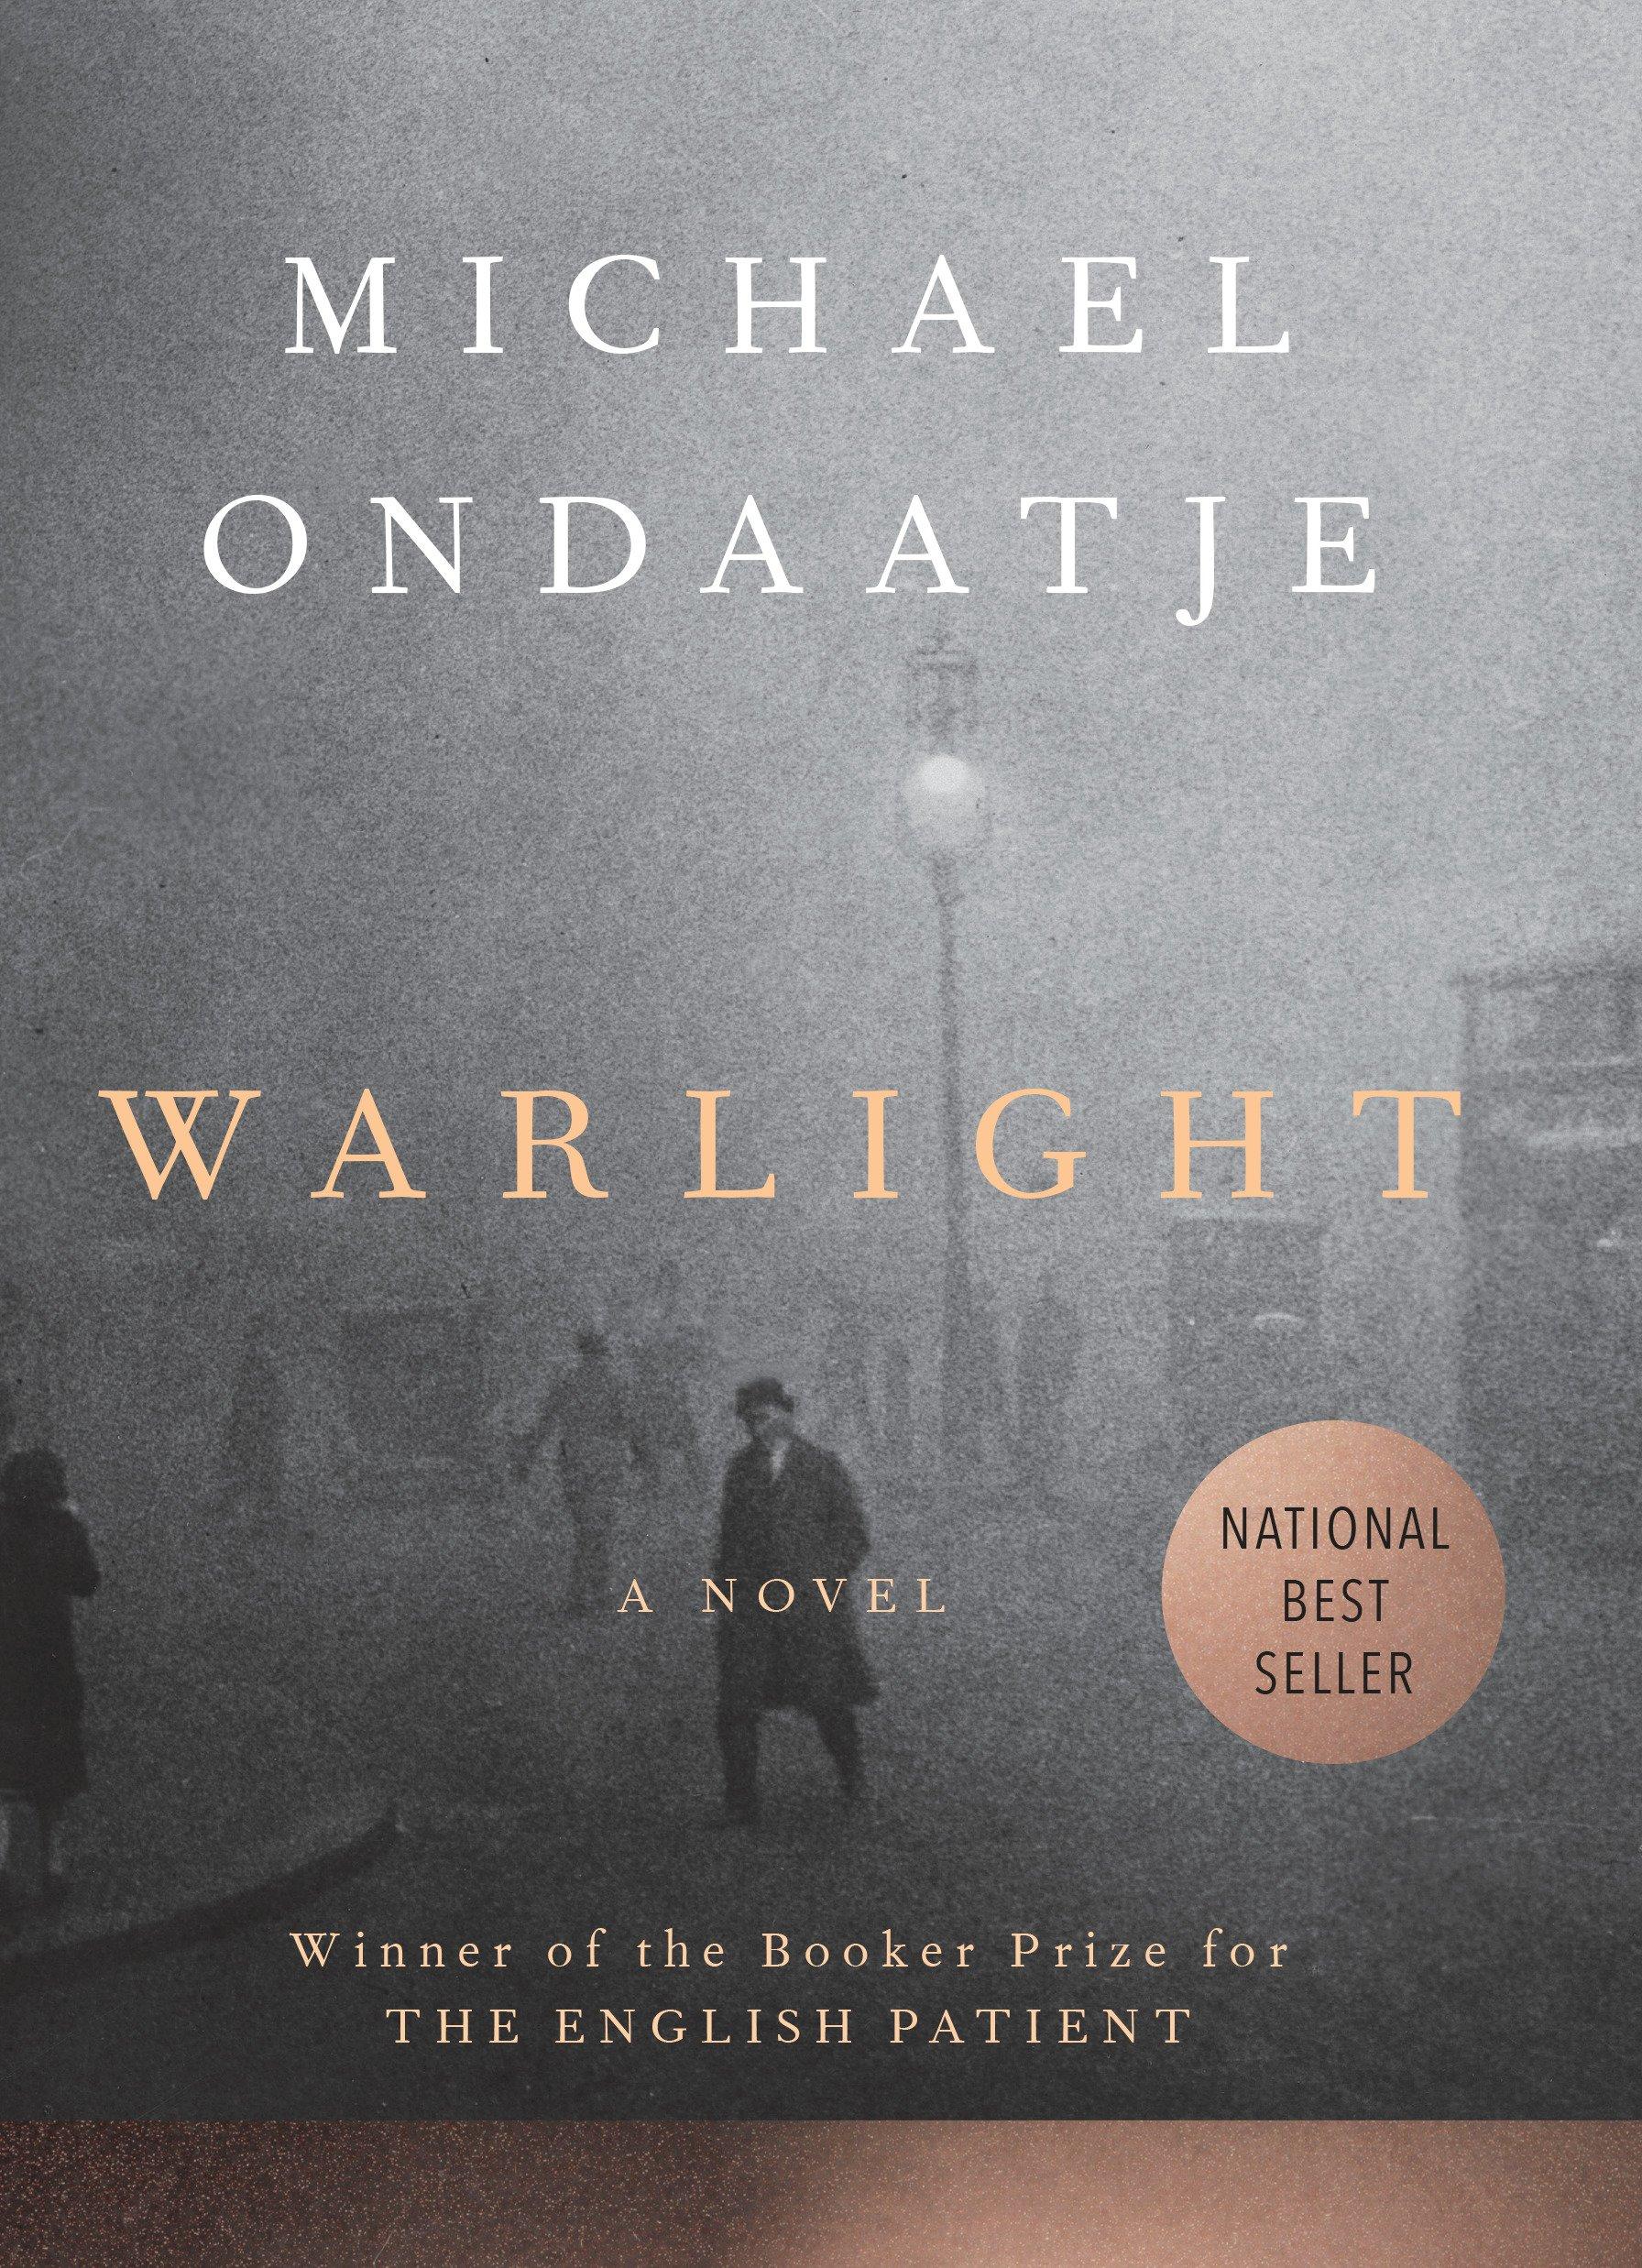 Warlight by Michael Ondaatje.jpg